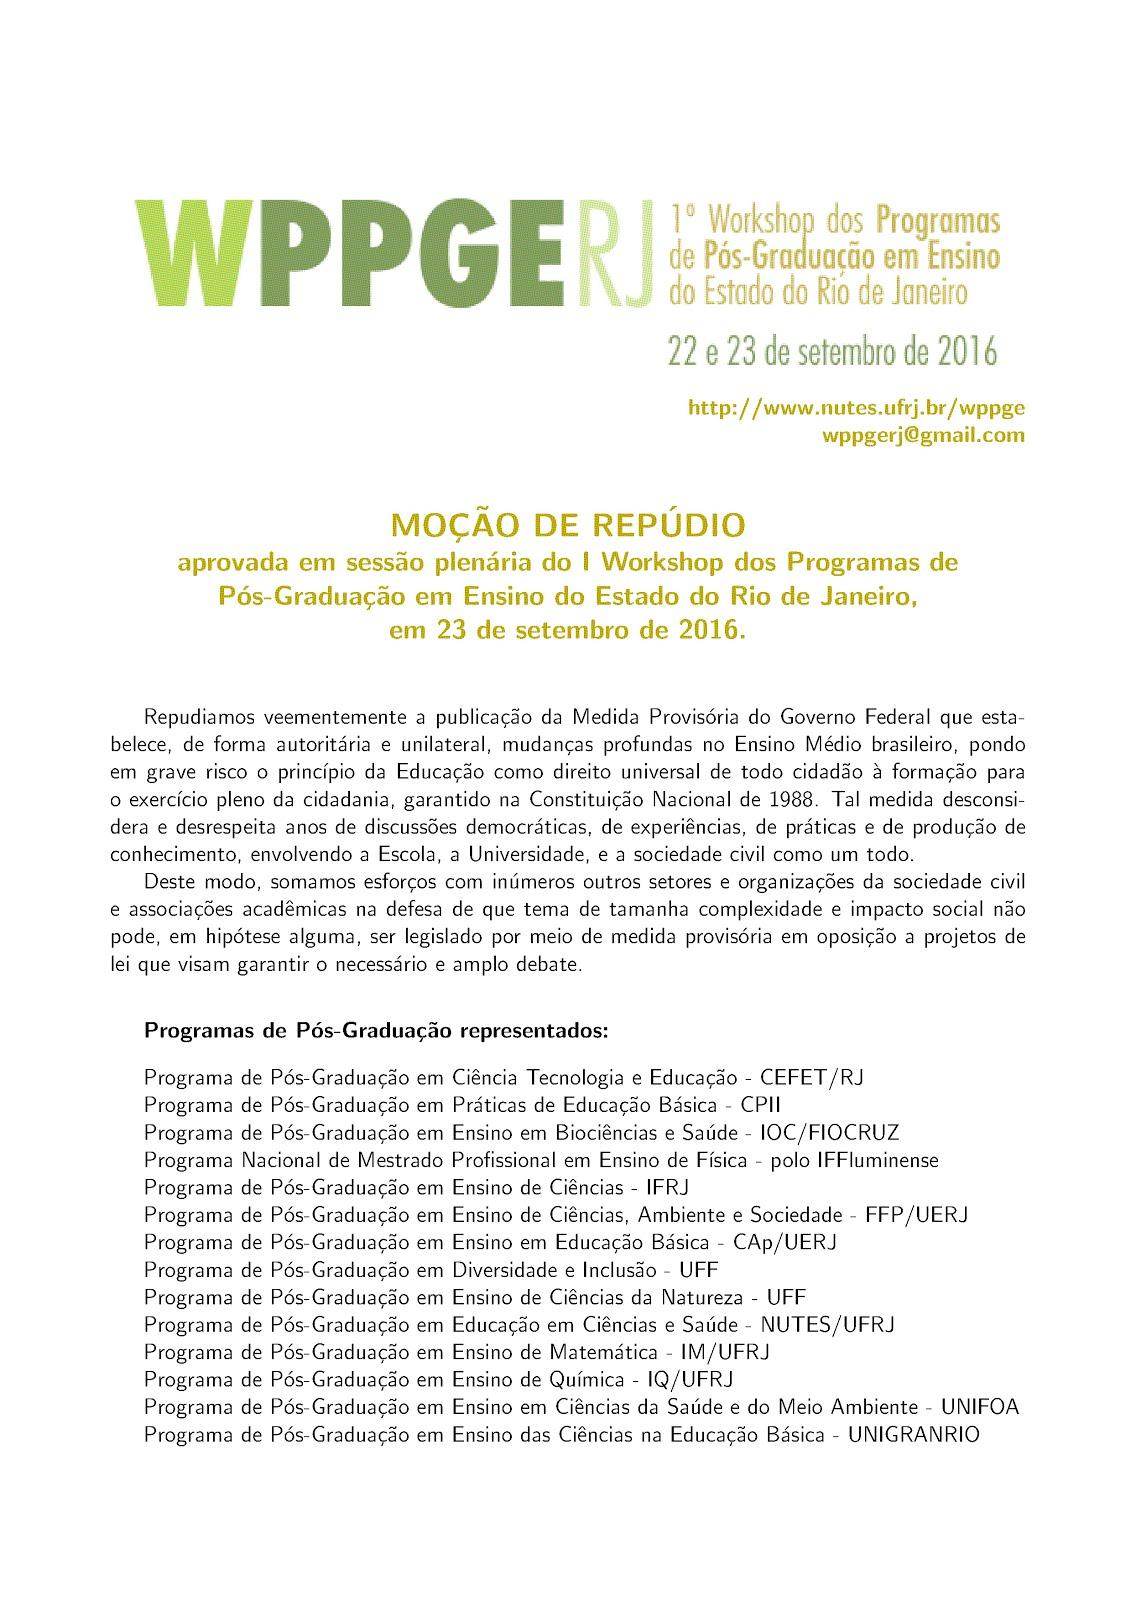 1º Workshop dos Programas de Pós-Graduação em Ensino do Estado do Rio de Janeiro - Moção de Repúdio